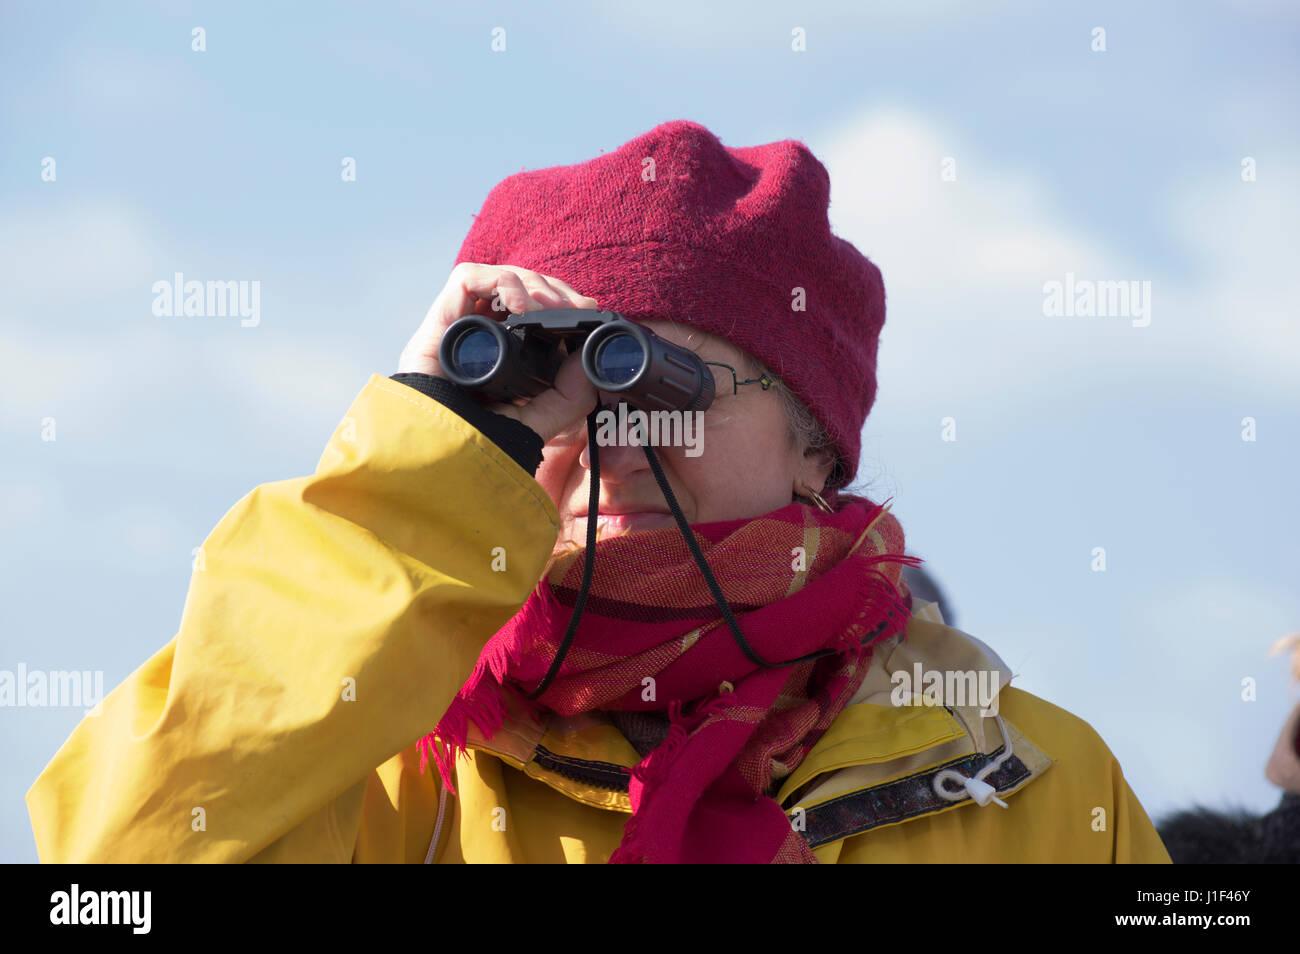 Woman peering through binoculars - Stock Image